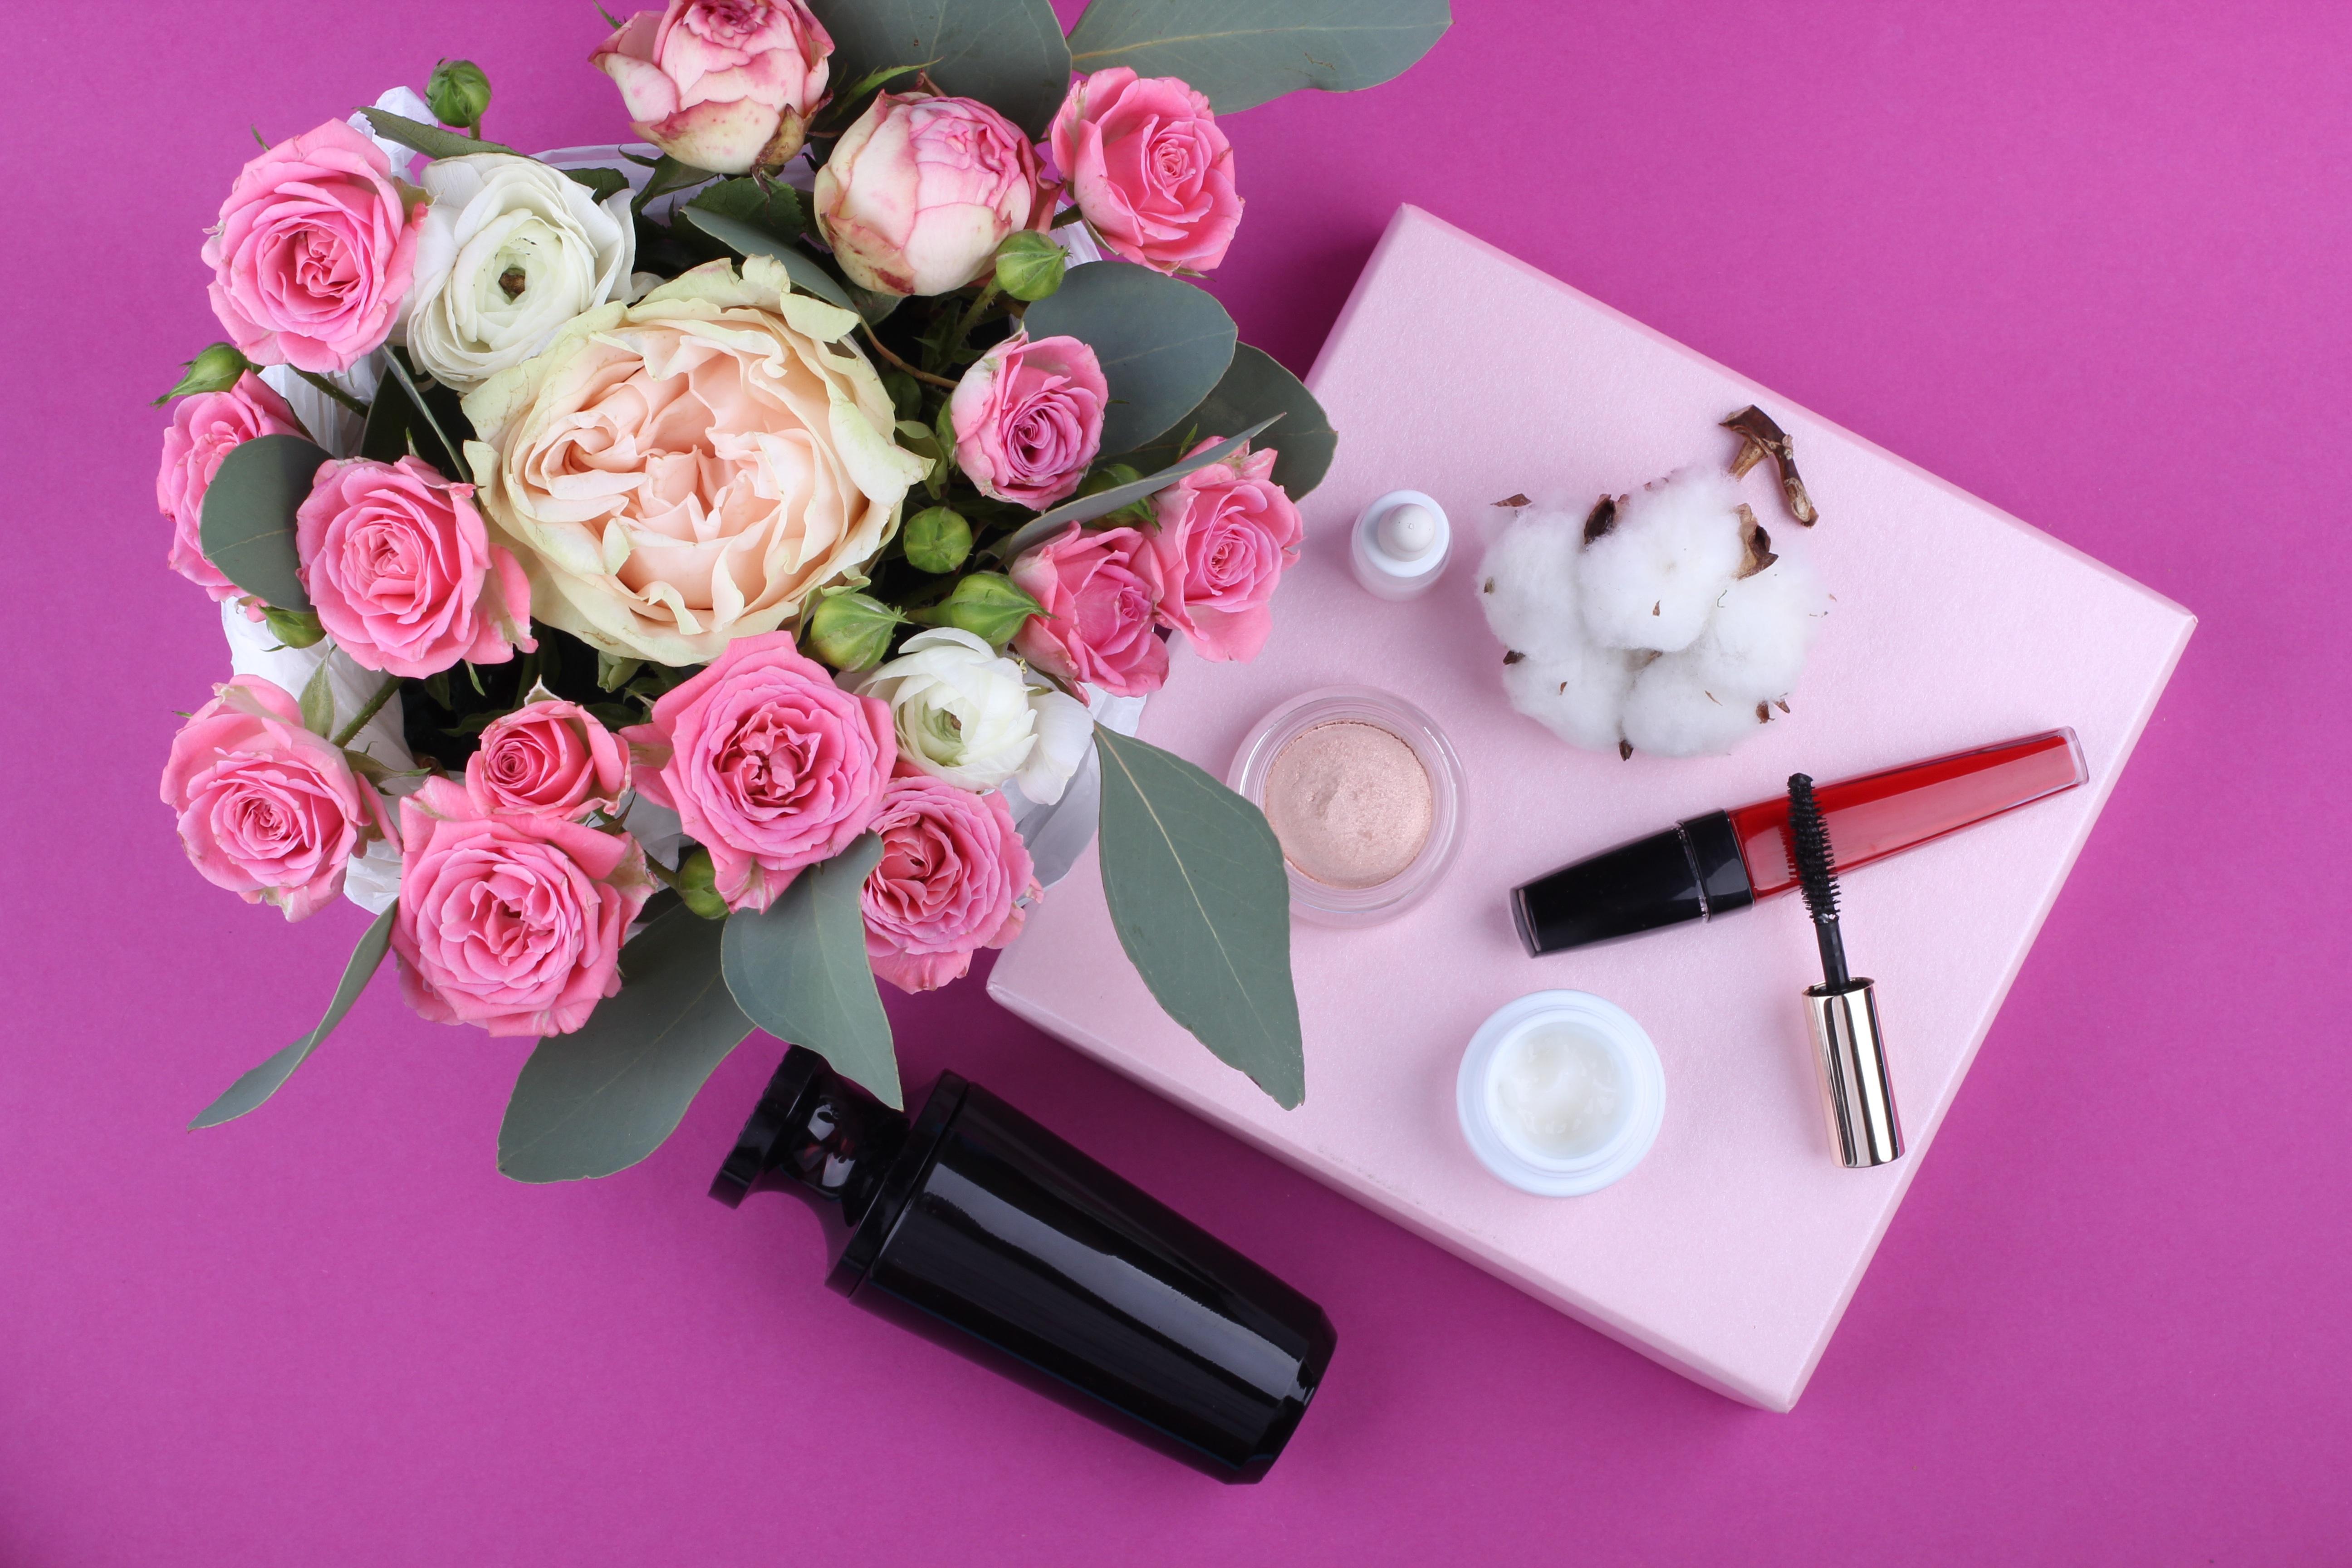 produits-cosmétique-et-maquillage-parfait-rose-petale-fleur